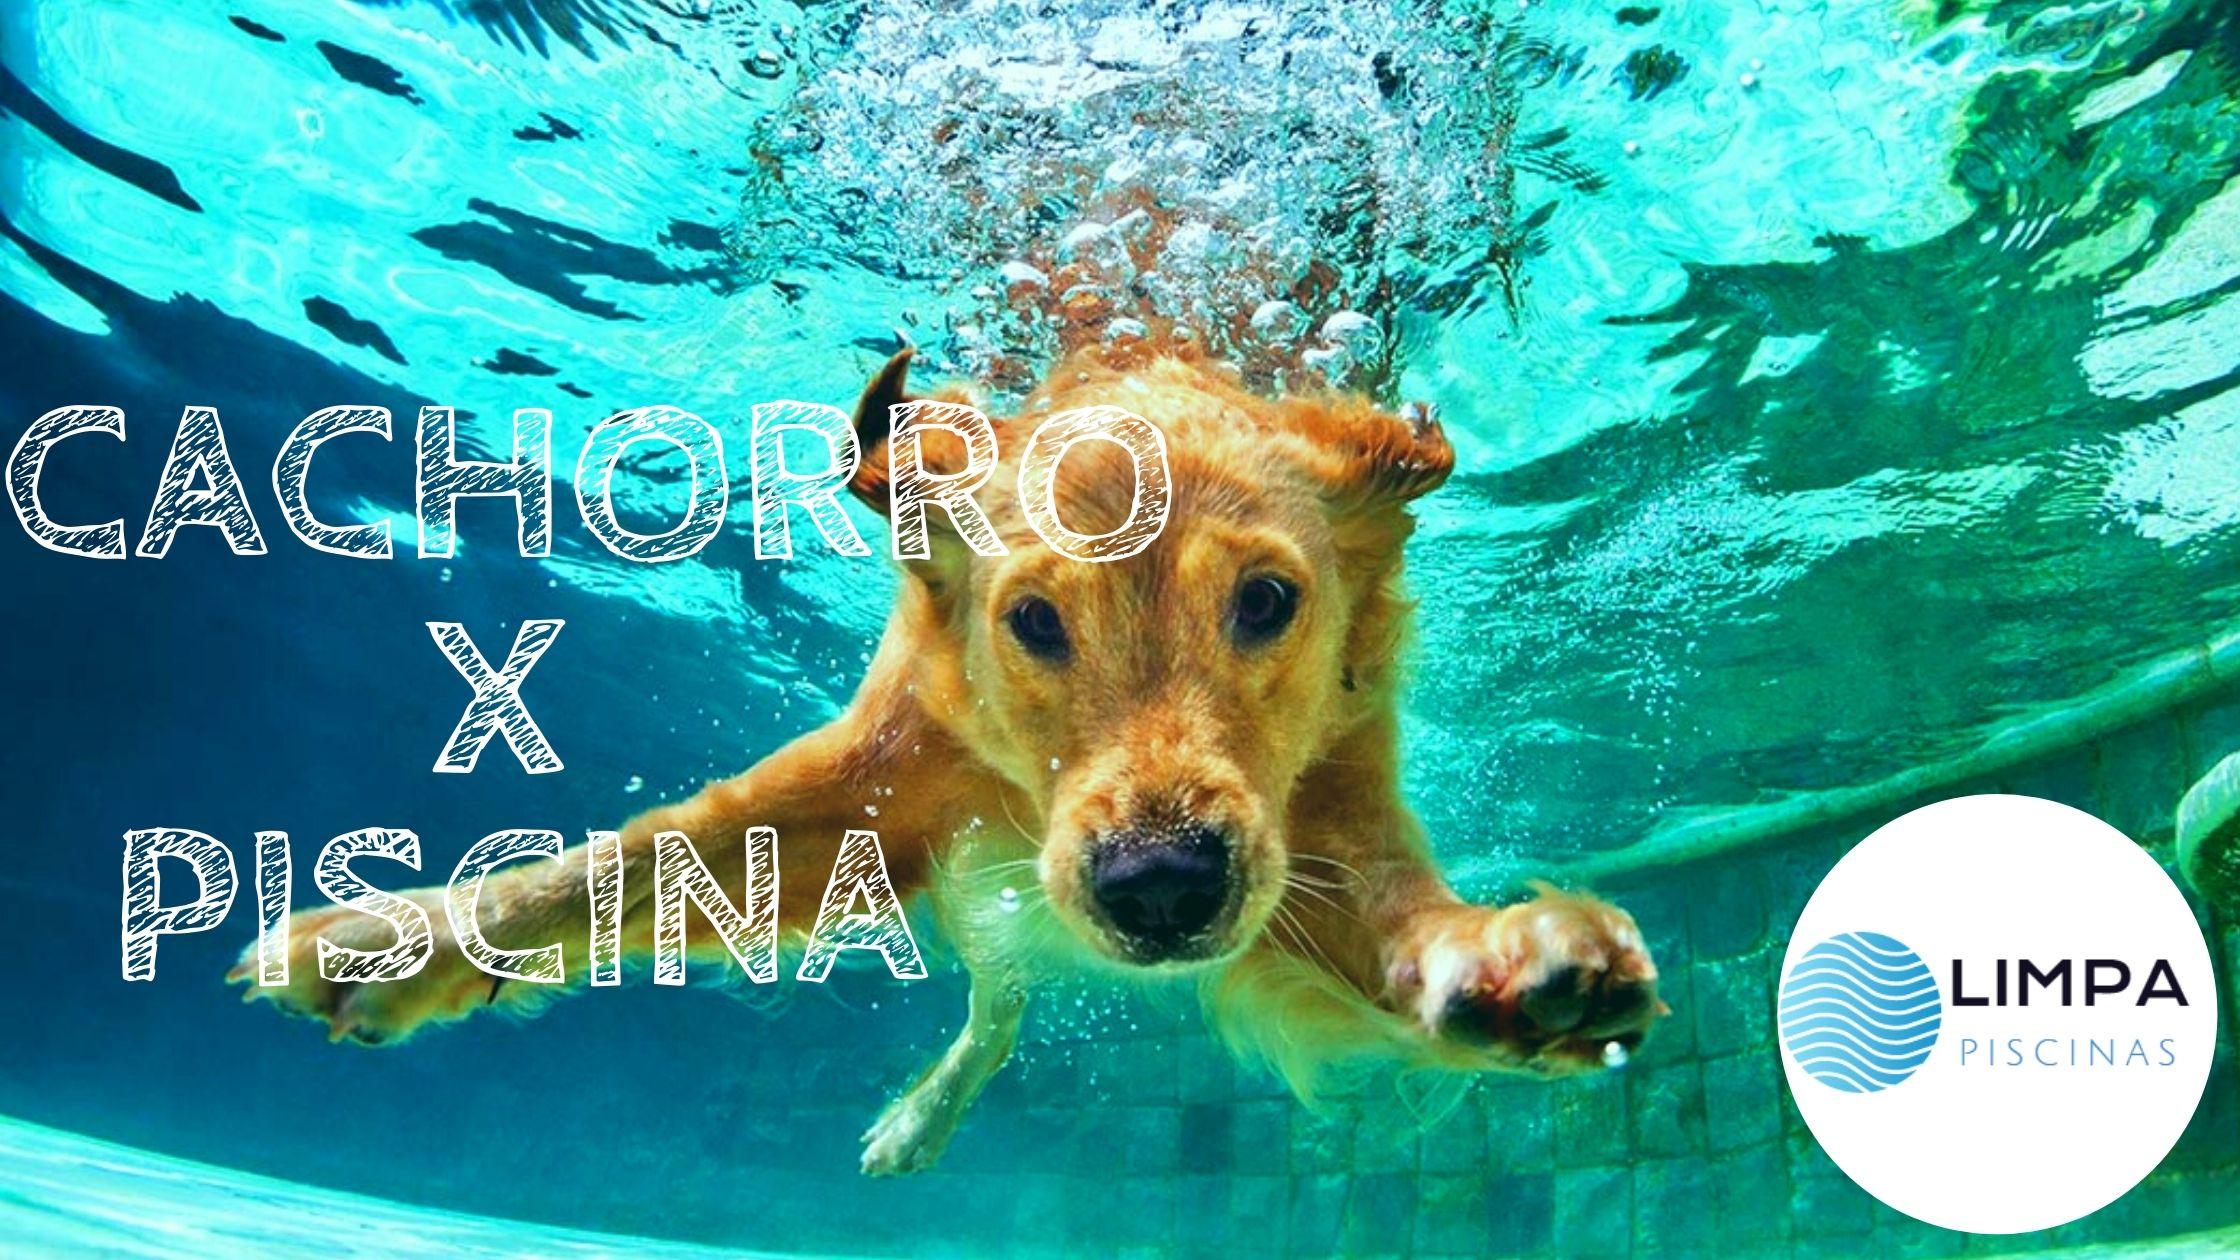 Cachorro e Piscina: Tudo o que Você Precisa Saber, Cachorro na Piscina Pode?